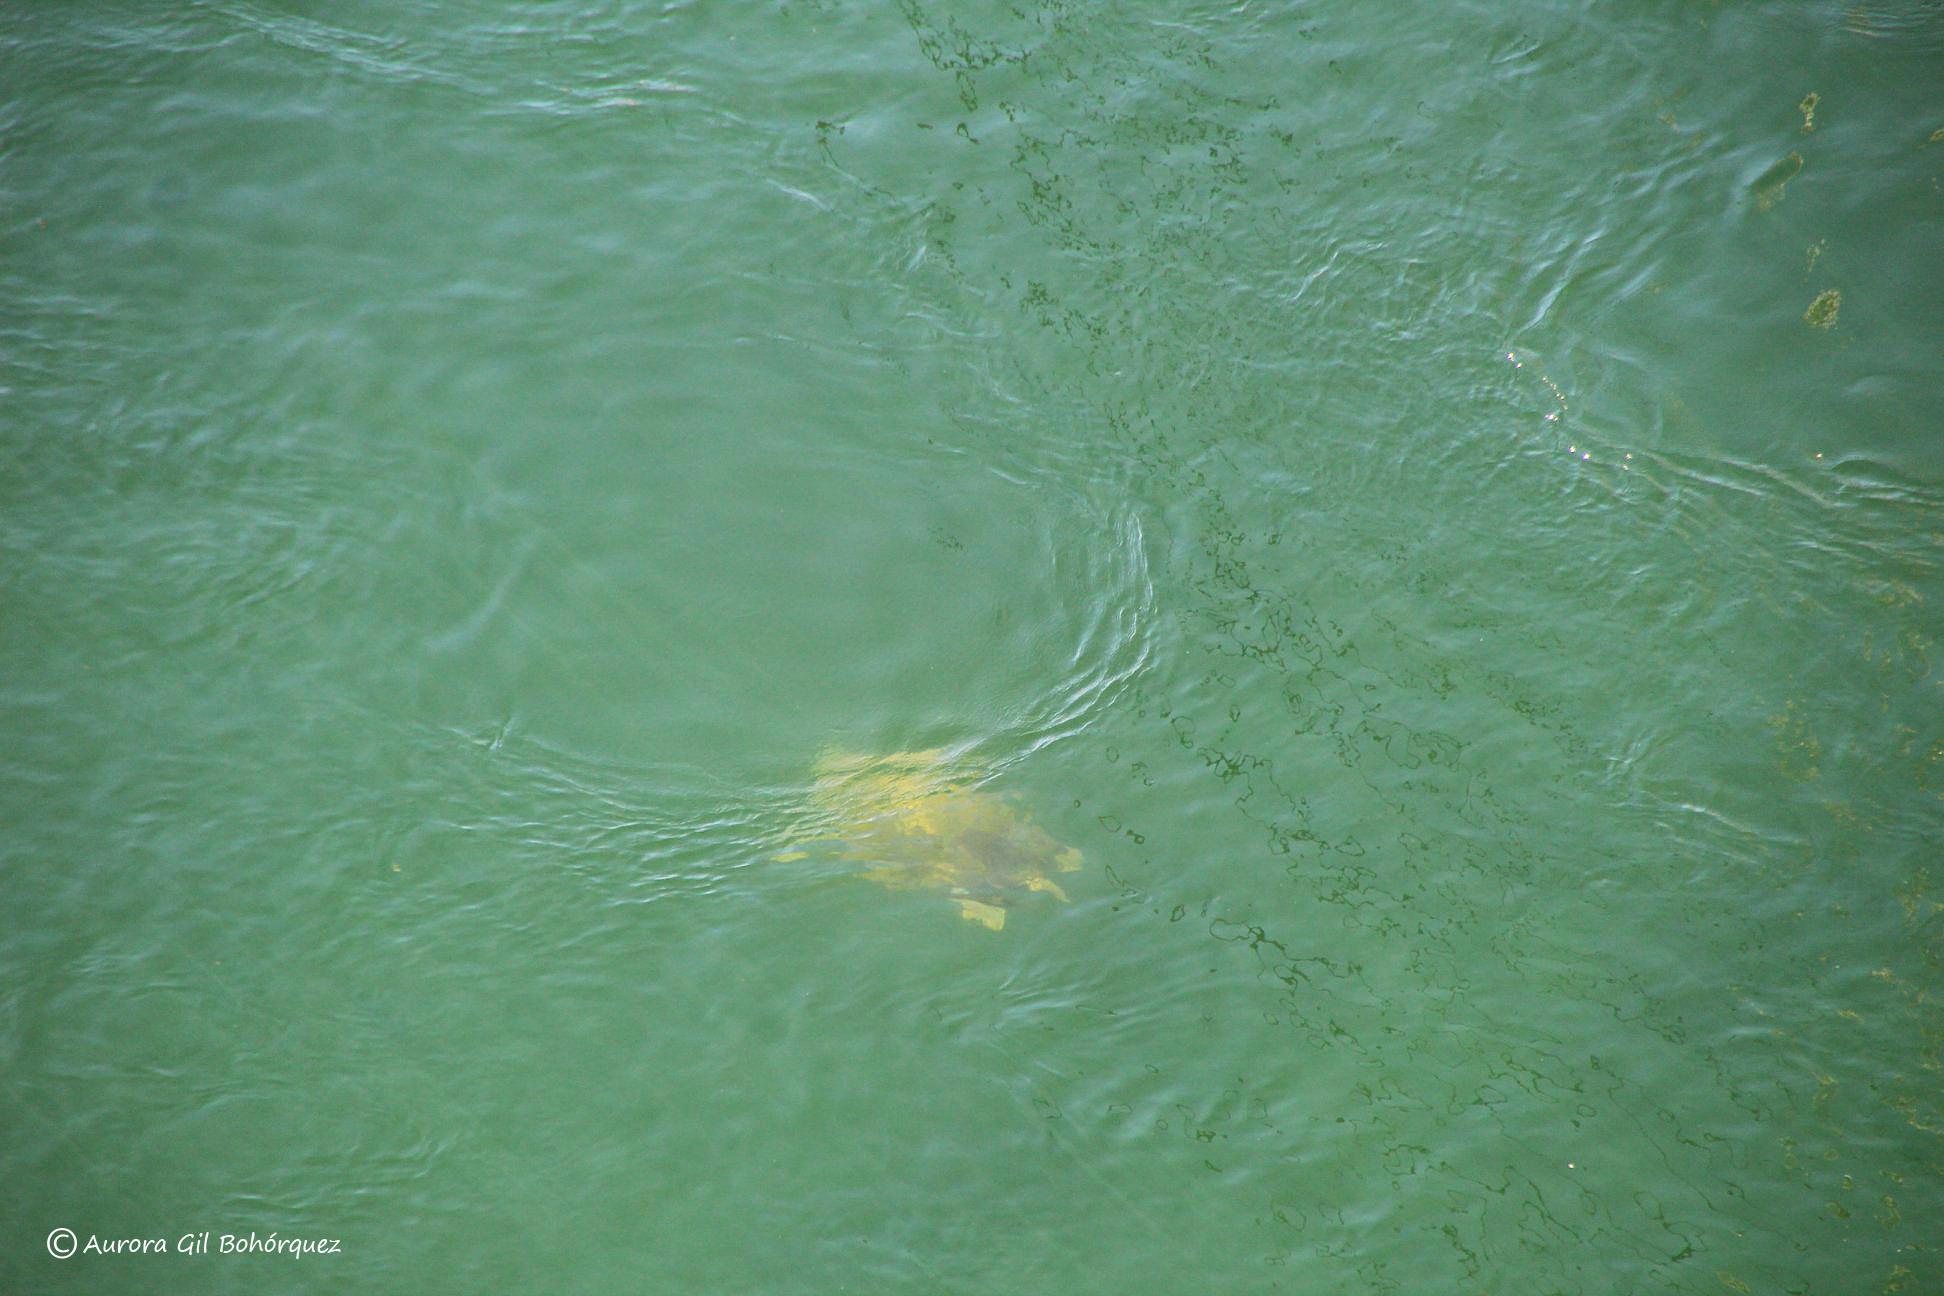 Ejemplar de tortuga marina vista cuando salía hoy por el puente del Estacio. Imagen: Aurora Gil Bohórquez